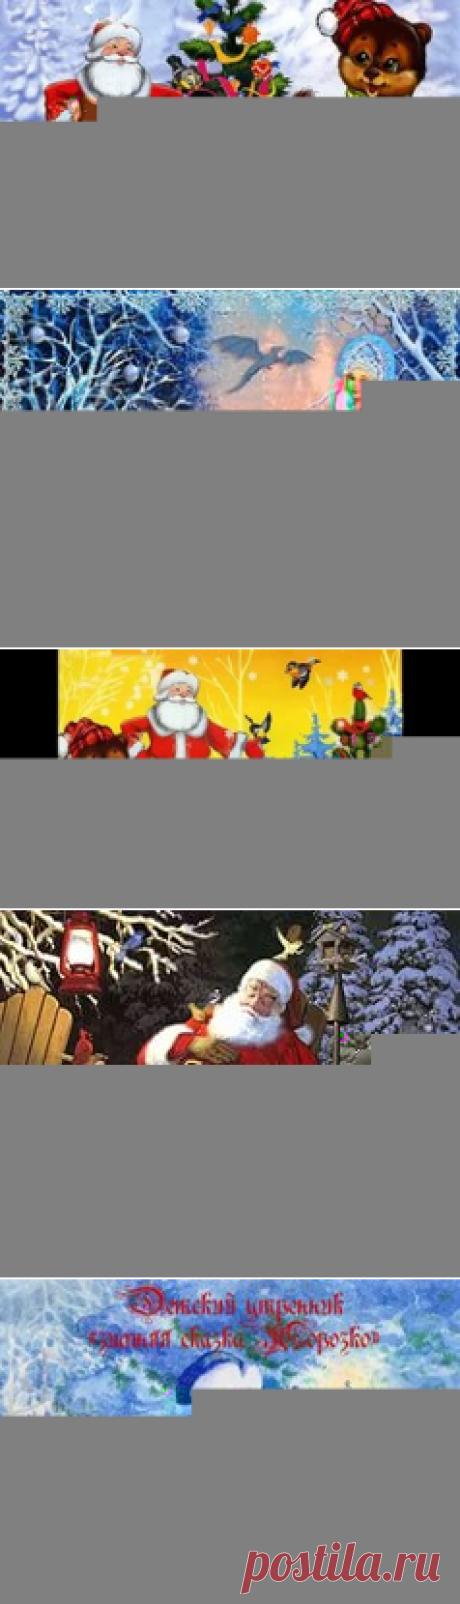 новогодние сказки: 23 тыс изображений найдено в Яндекс.Картинках